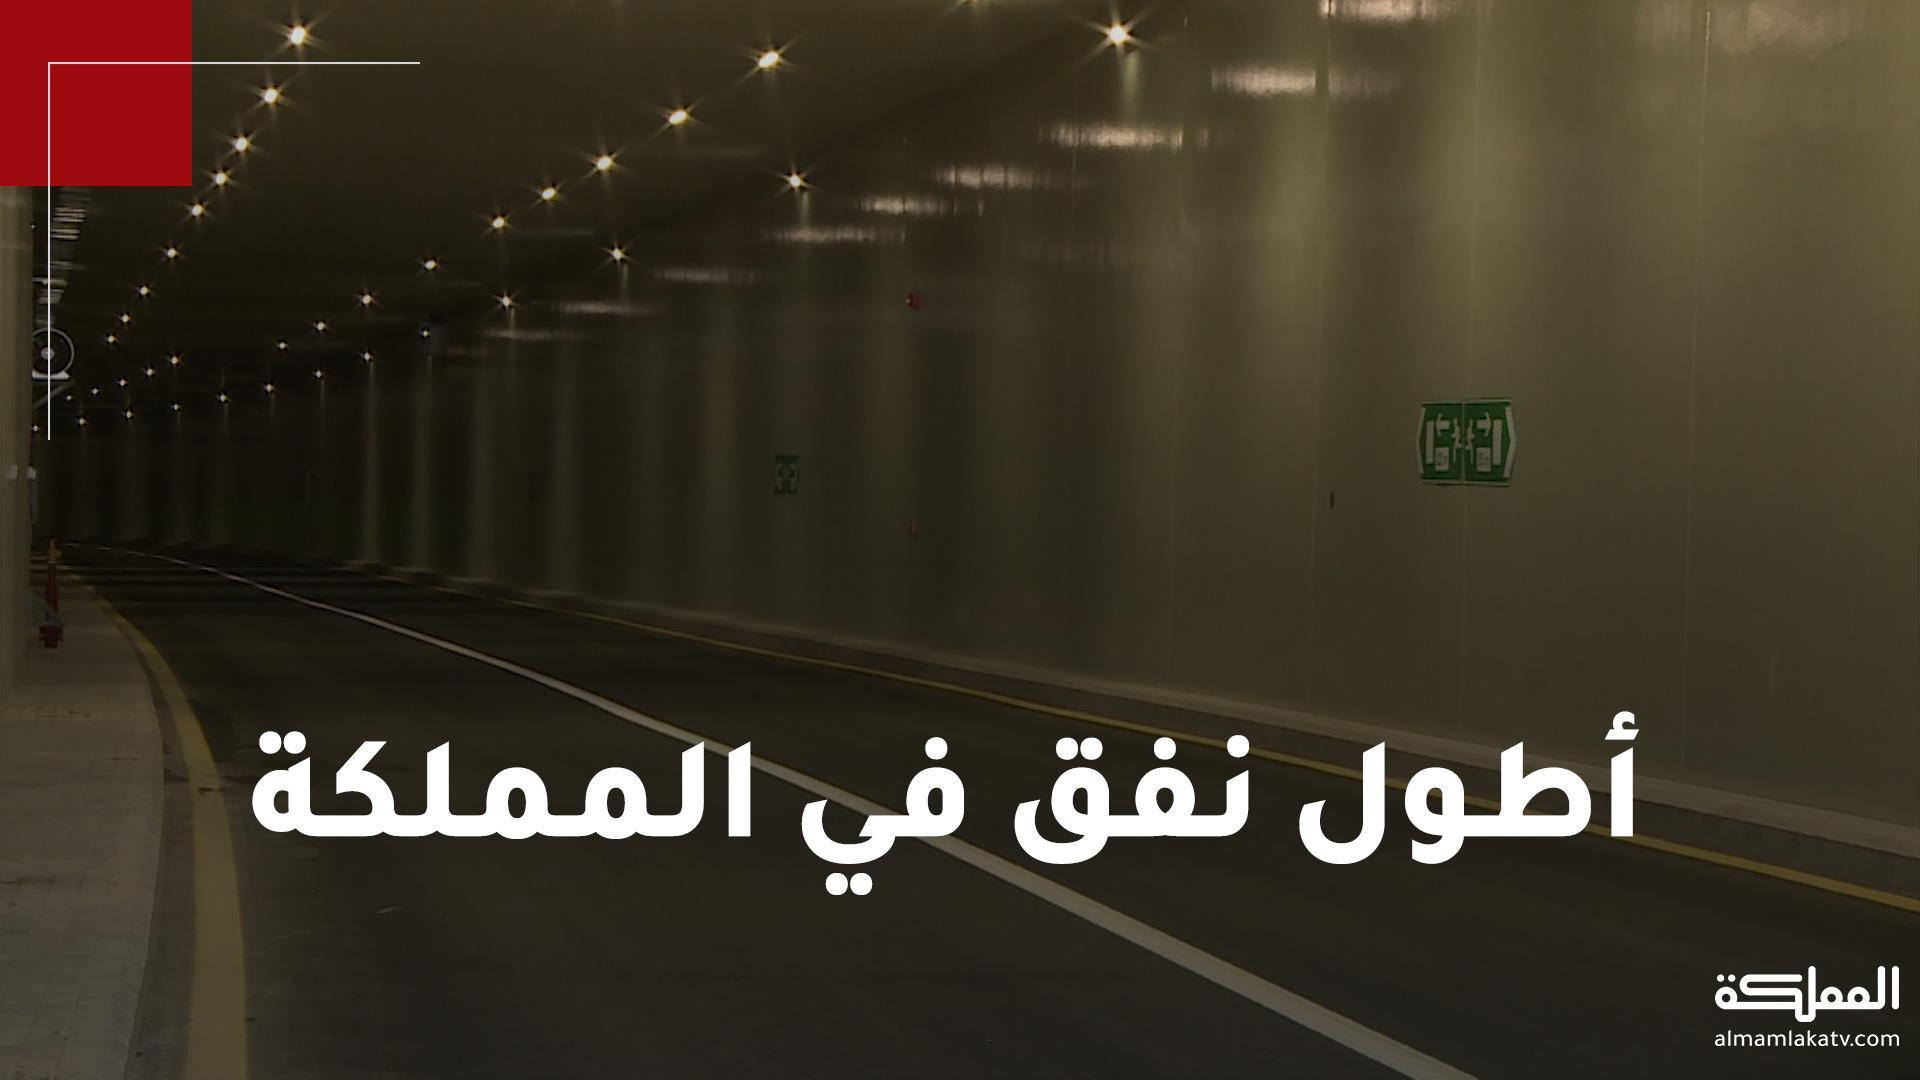 تدشين أطول نفق للسيارات ضمن مشروع  الباص السريع، طوله 1040 مترا ويصل بين دوار المدينة ووادي صقرة